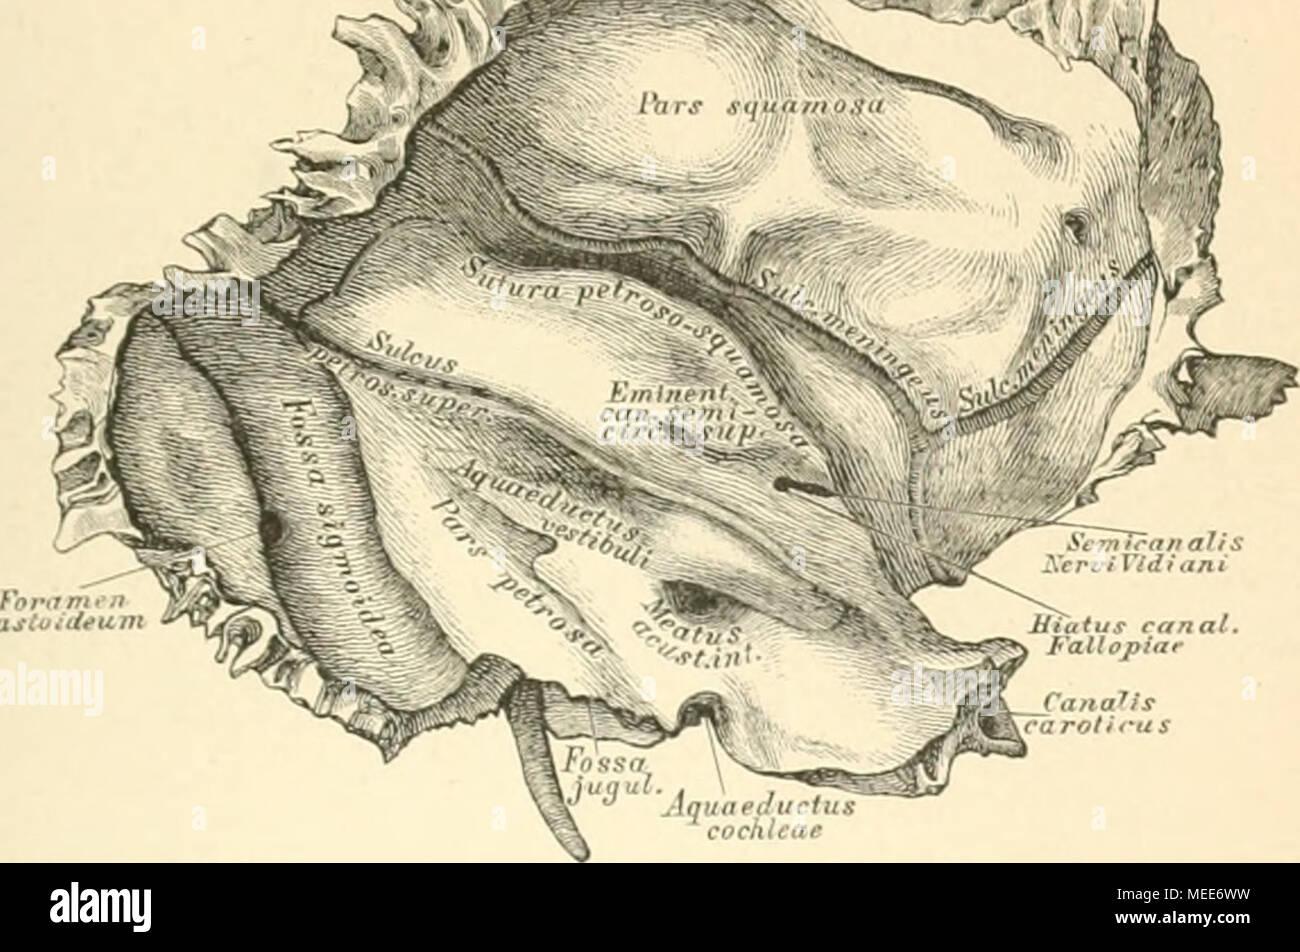 Niedlich Krabbe Anatomie Diagramm Galerie - Menschliche Anatomie ...